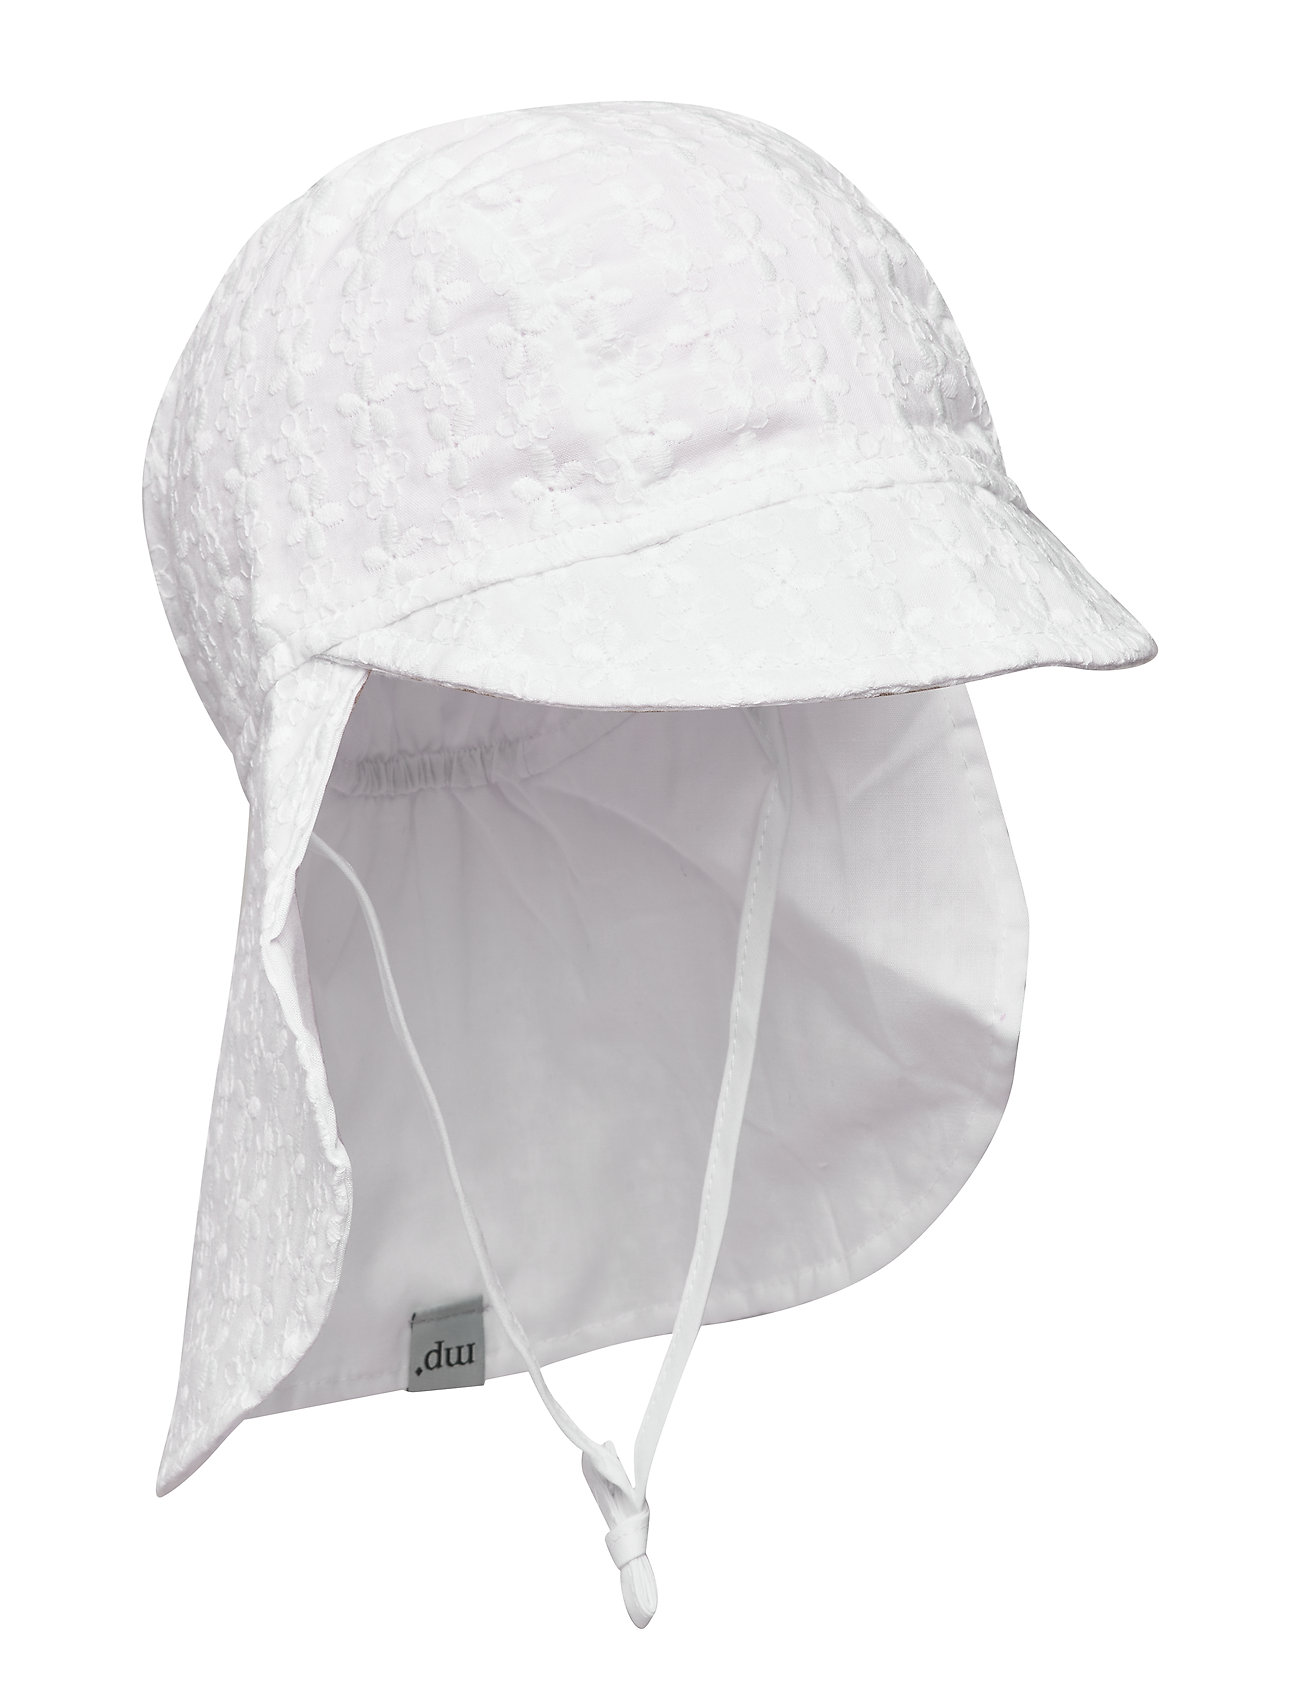 mp Denmark FLORA CAP W. NECK SHADE - WHITE